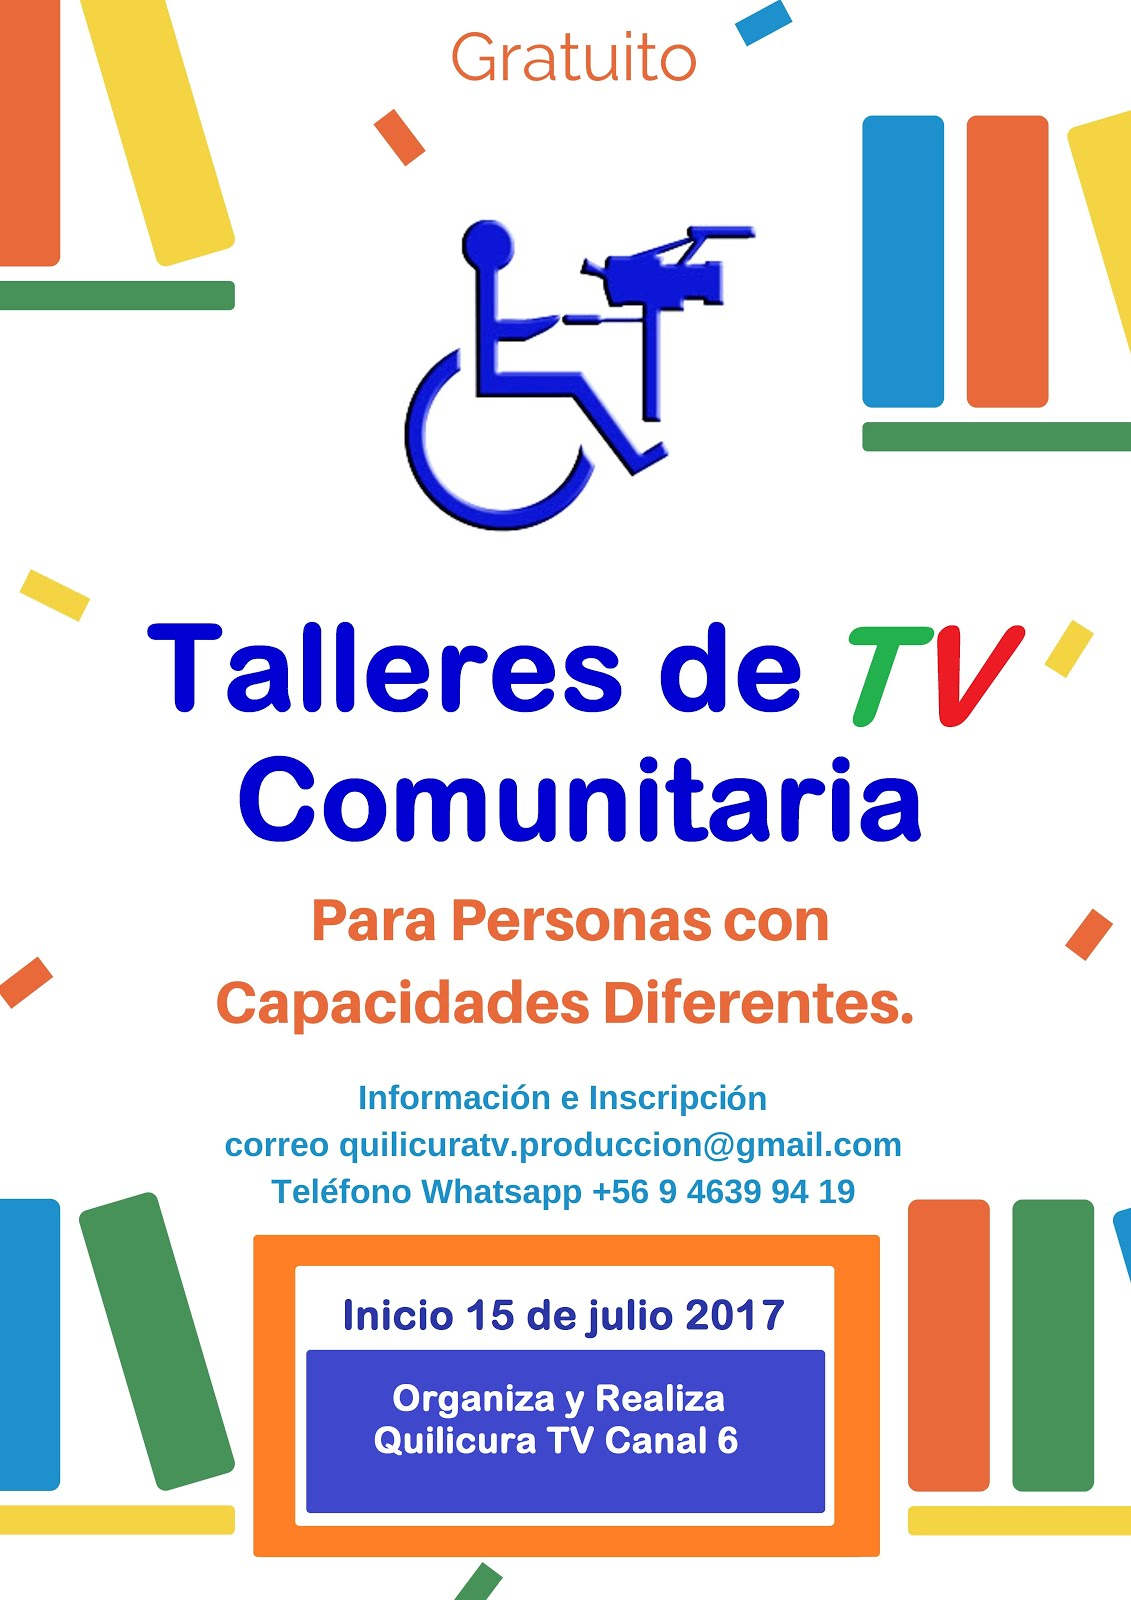 TALLERES INCLUSIVOS DE TV PARA PERSONAS CON DISCAPACIDAD